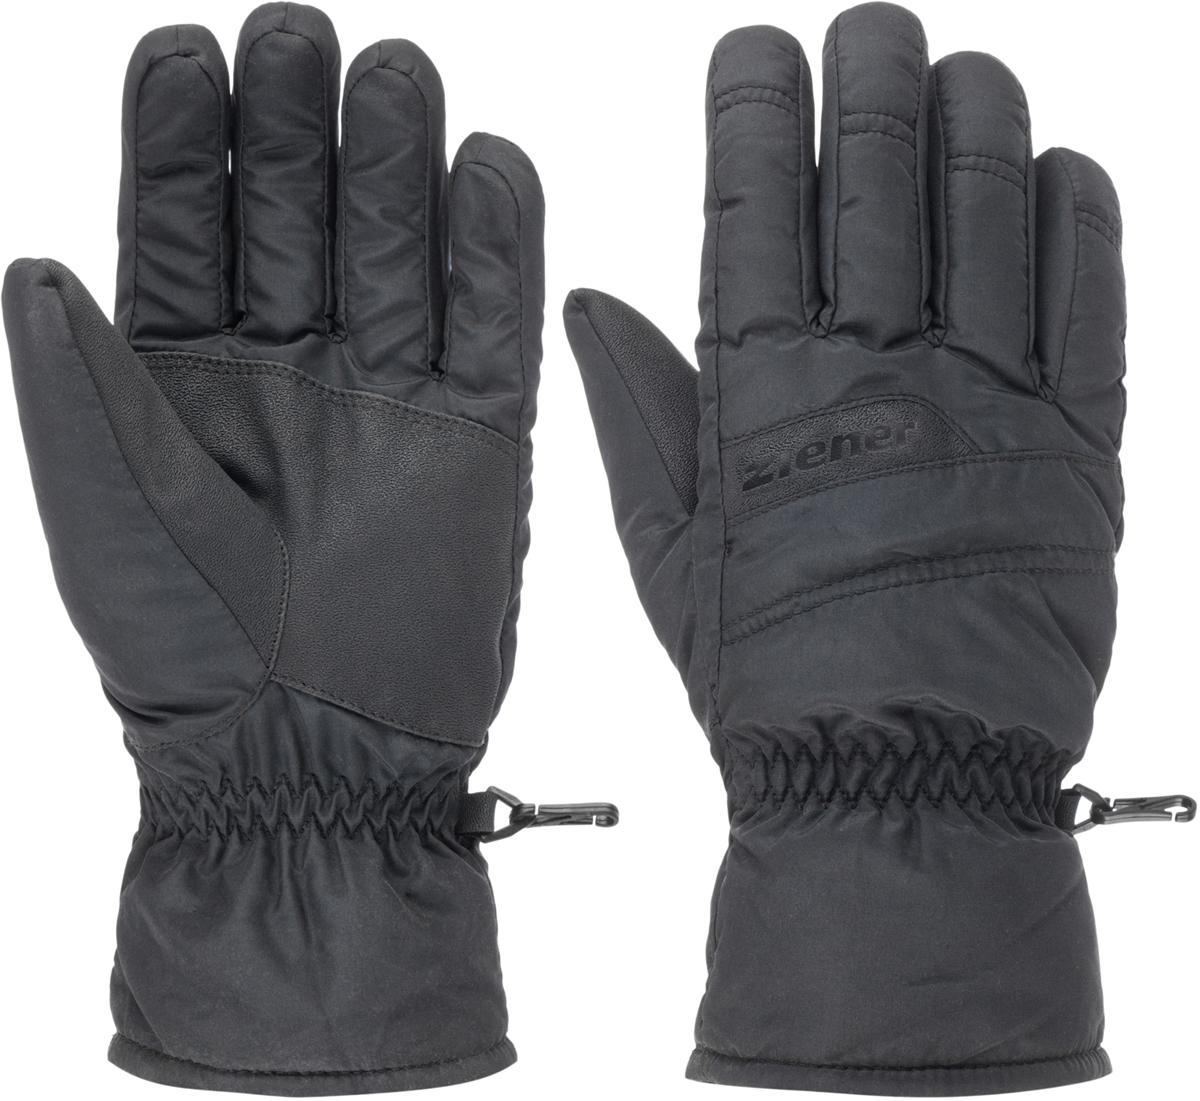 Перчатки мужские Ziener Gramosso Sm Glove Ski Alpine, цвет: черный. 150045-12. Размер 10,5150045-12Технологичные мужские перчатки для горнолыжного спорта. Стандартный крой, эргономичные манжеты и утеплитель средней толщины обеспечивают комфорт и естественность движений. Технология обеспечивает максимальный комфорт и свободу движения. Резинка на манжетах позволяет плотно фиксировать перчатку, исключая попадание влаги внутрь. По бокам предусмотрены специальные карабины, с помощью которых можно прикрепить перчатки к одежде.